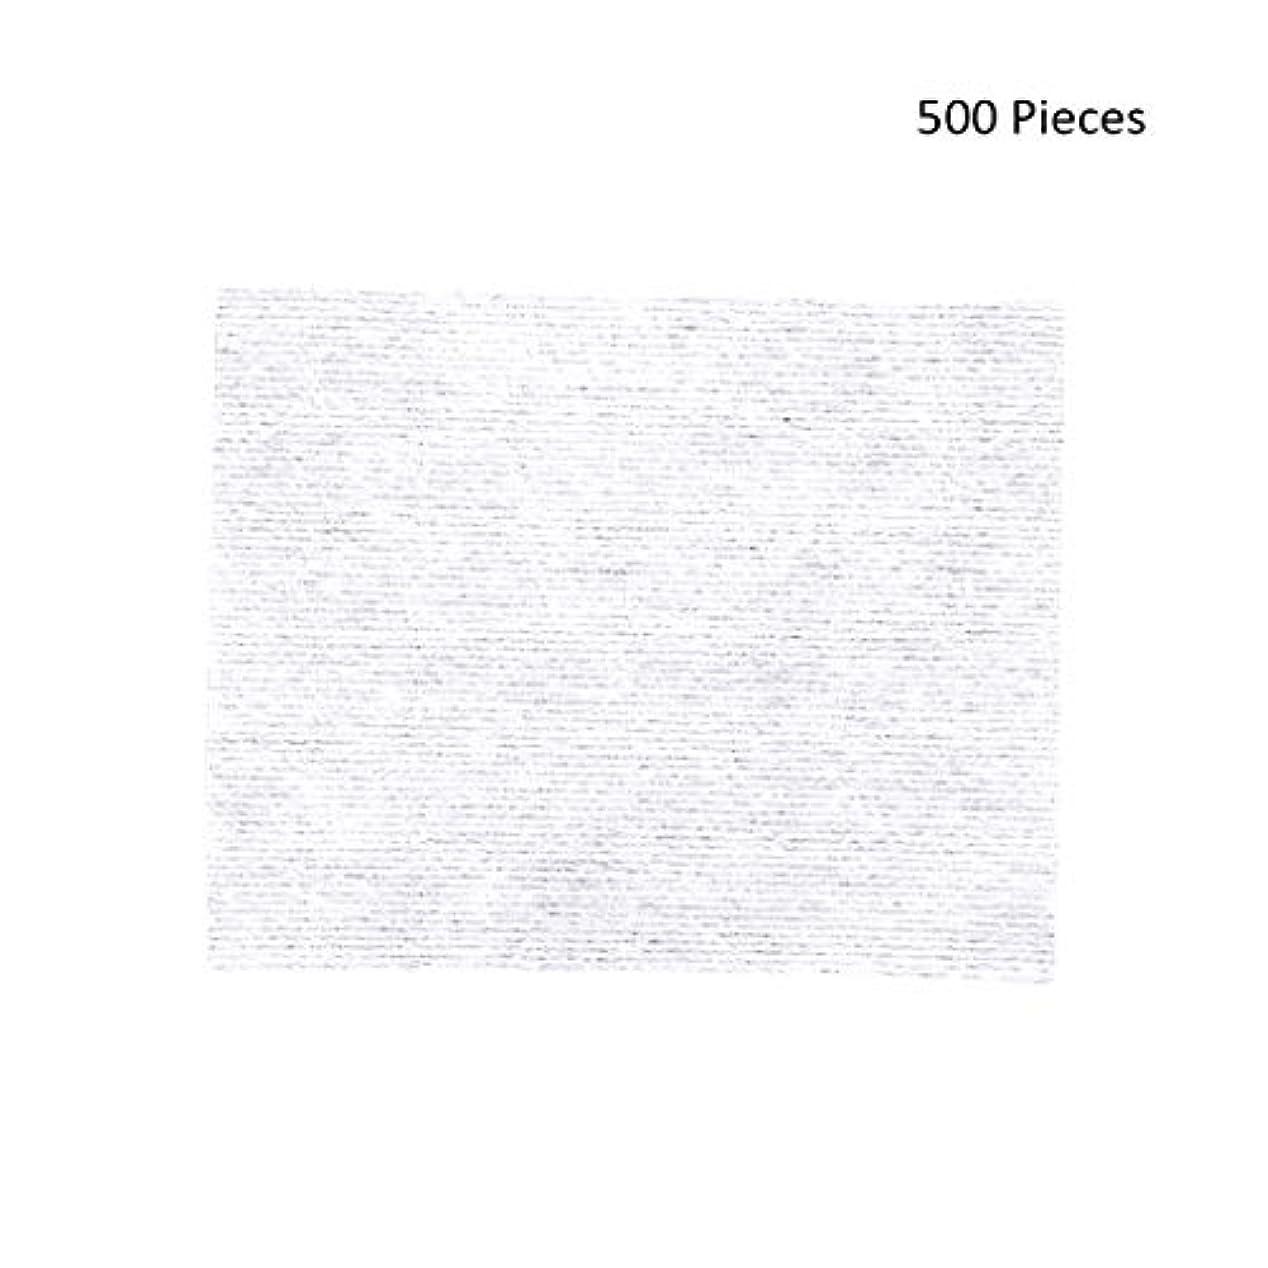 偽装するボンドコーチクレンジングシート 500ピースフェイスメイクアップリムーバーメイクワイプコットンパッドメイクアップリムーバーパッドソフトパッド化粧品フェイスマスククレンジングケア 落ち水クレンジング シート モイスト (Color :...